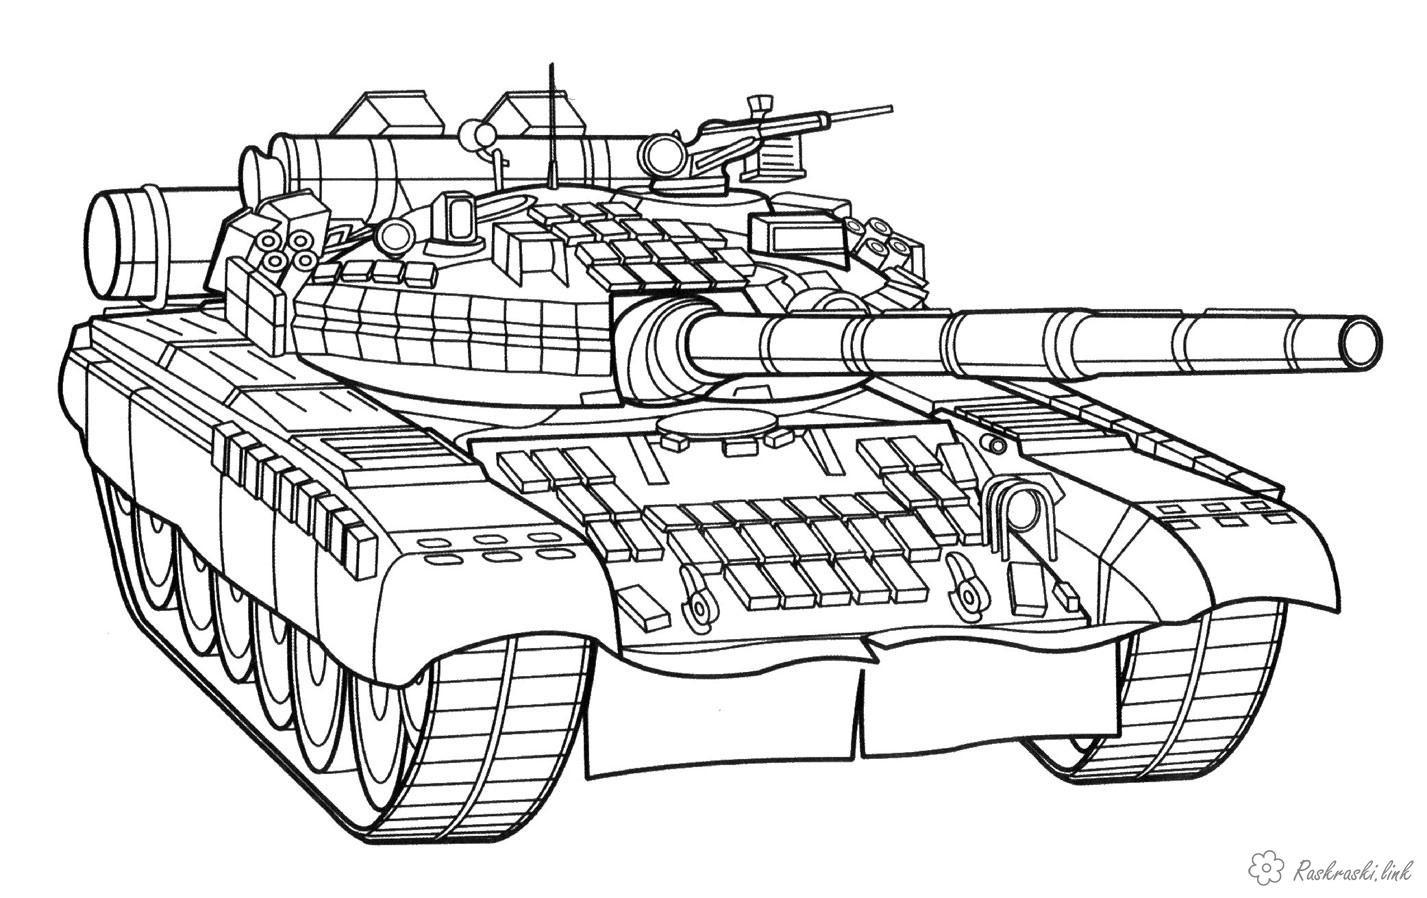 Coloring Pages For Boys Tanks  росії Розмальовки роздрукувати бесплатно